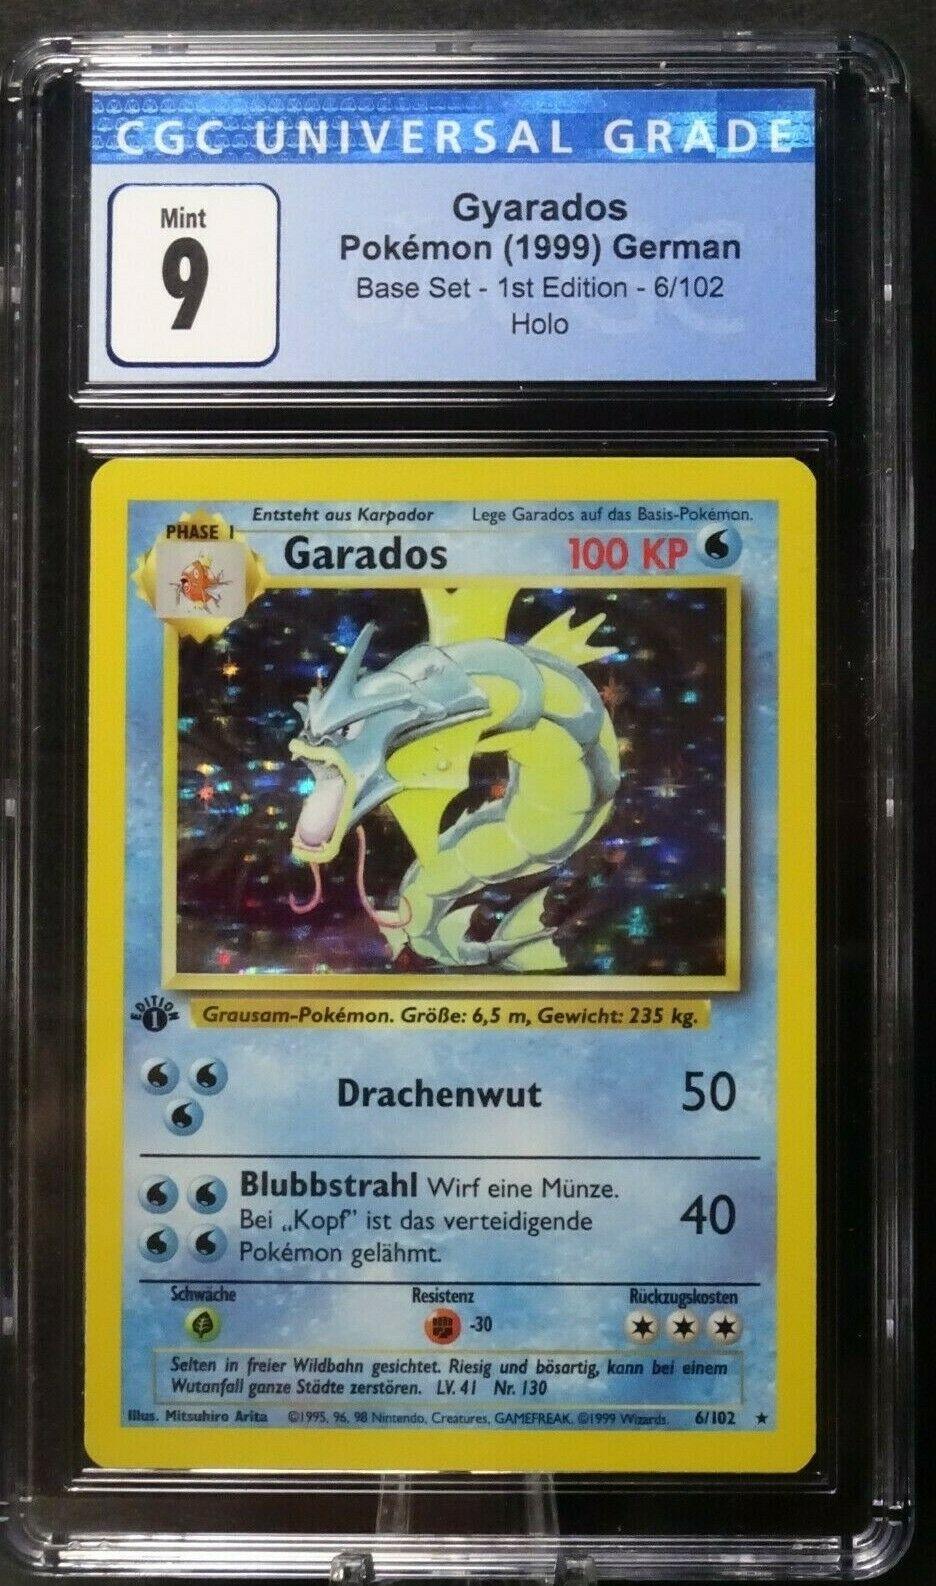 1999 GERMAN GYARADOS GARADOS Base Set 1ST EDITION Holo Rare Pokemon 6/102 CGC 9 - Image 1